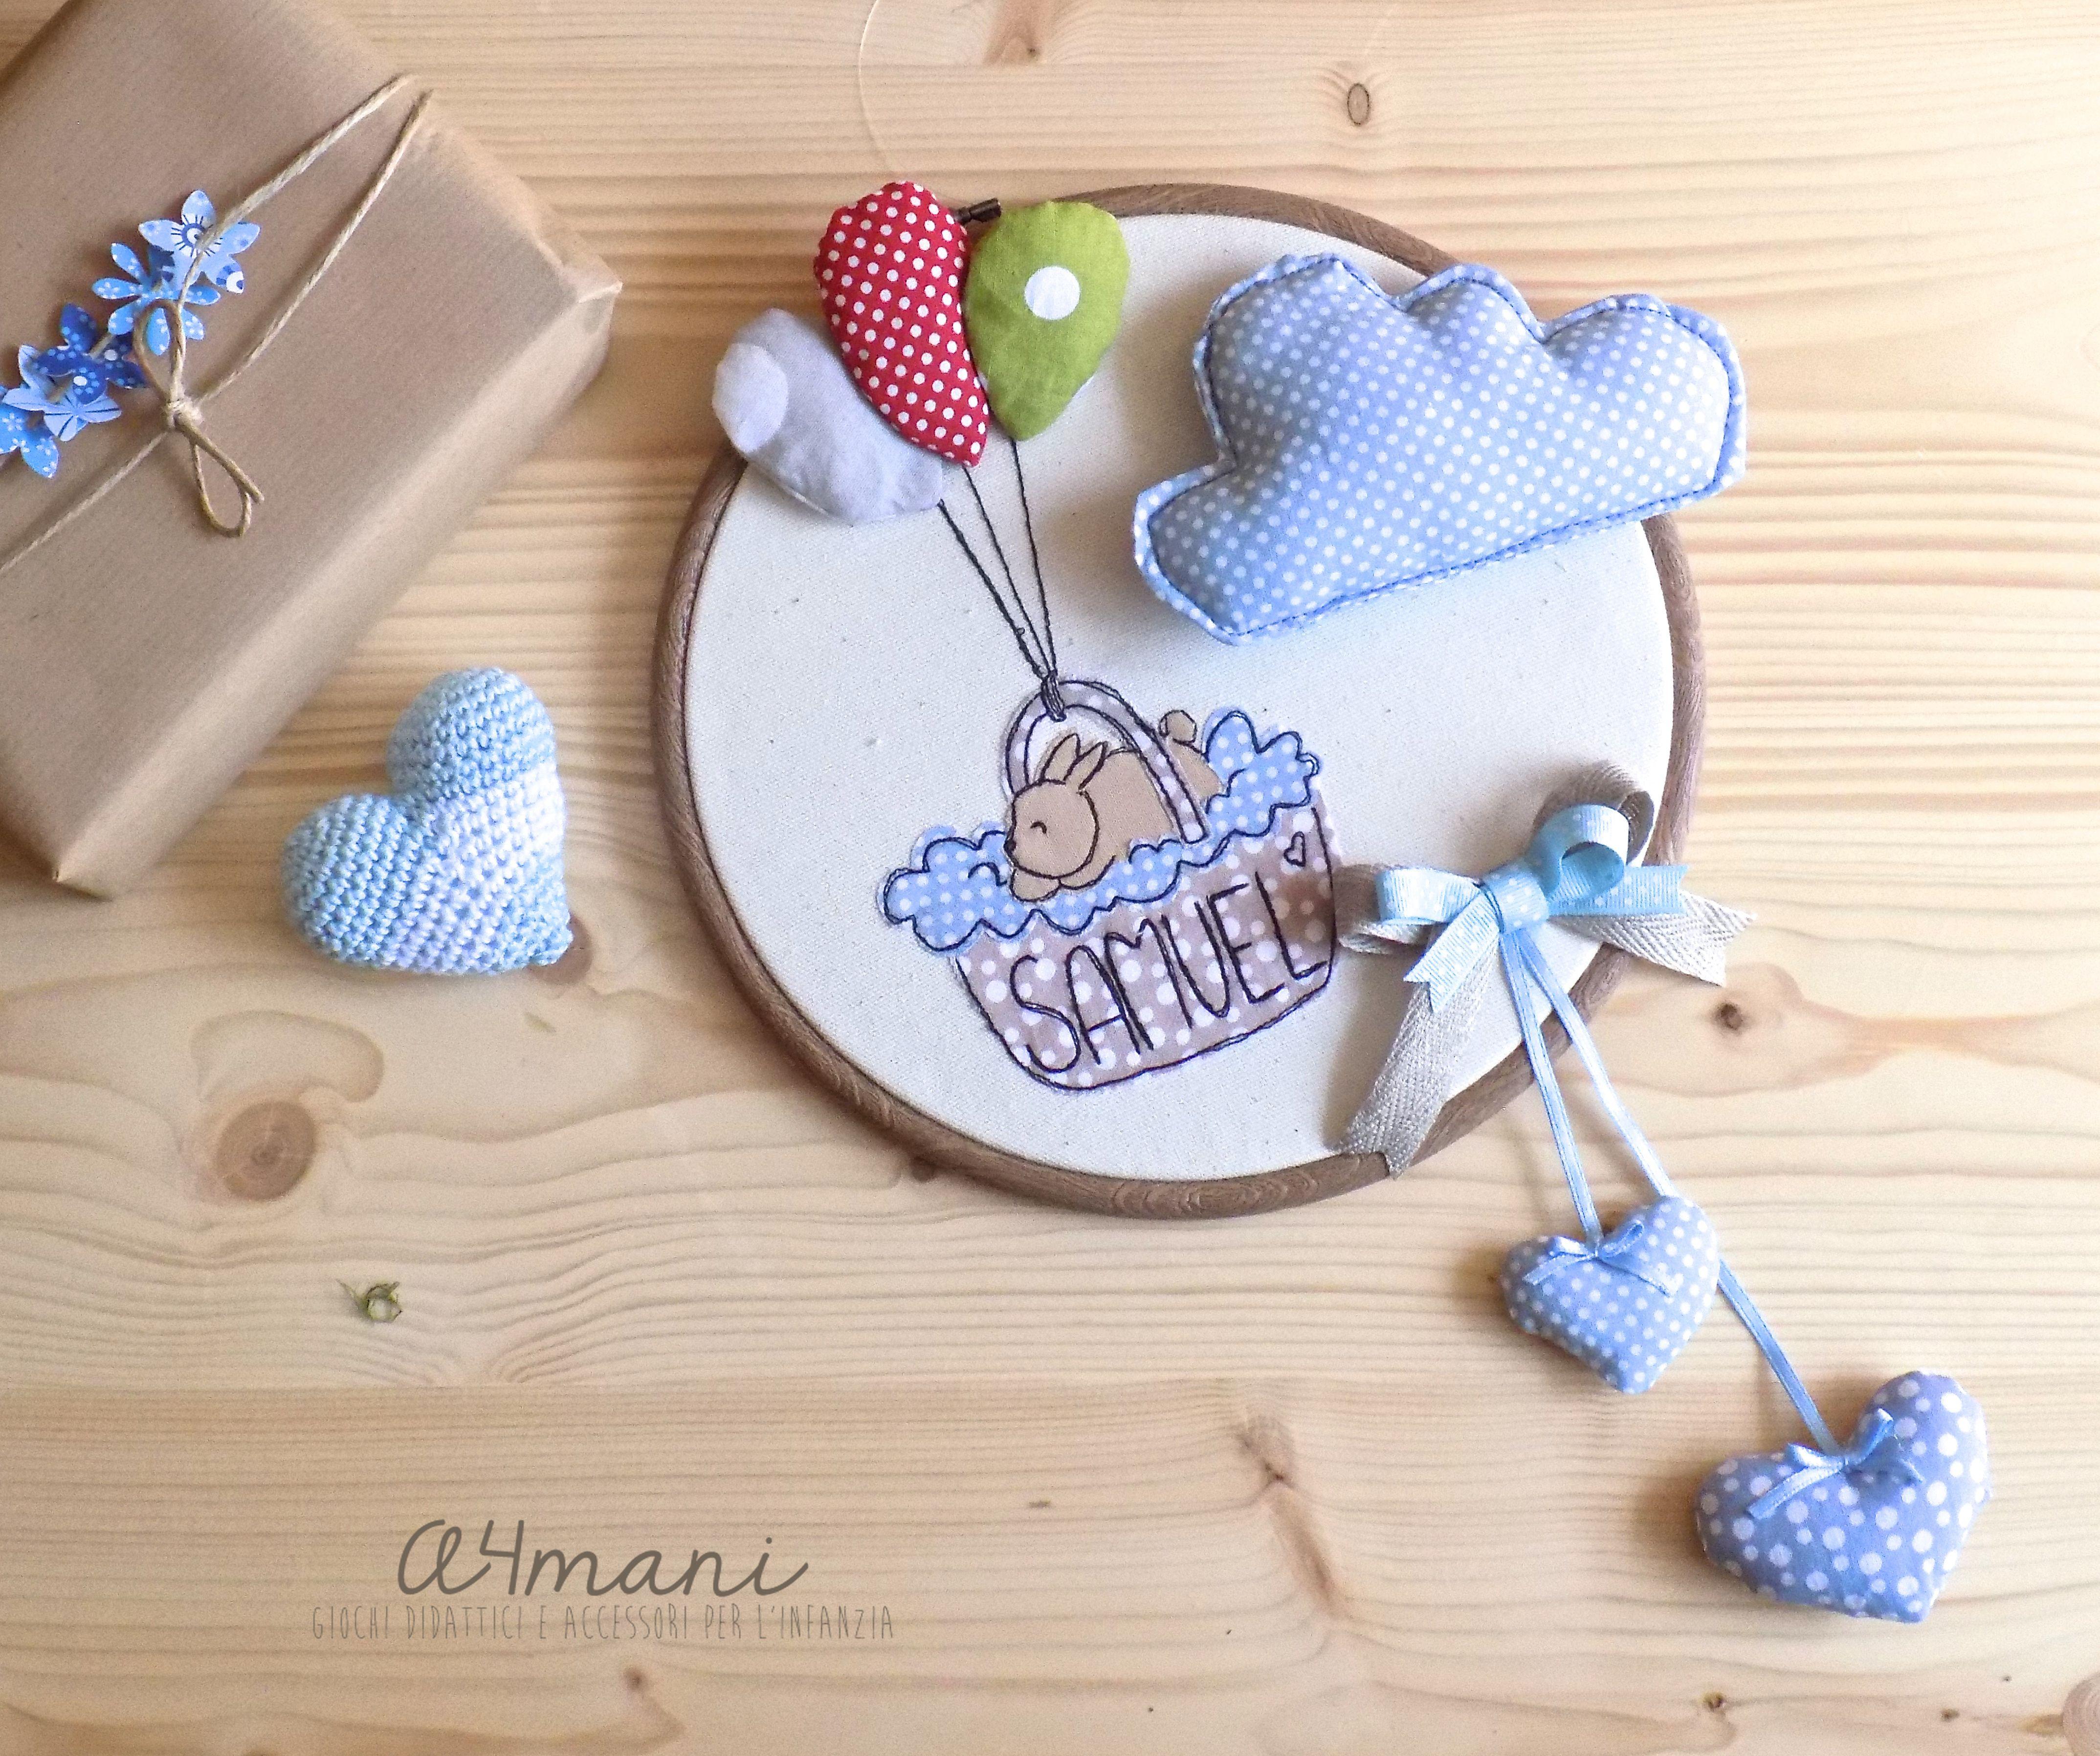 fiocco nascita telaiofiocco nascita freehand machine embroidery